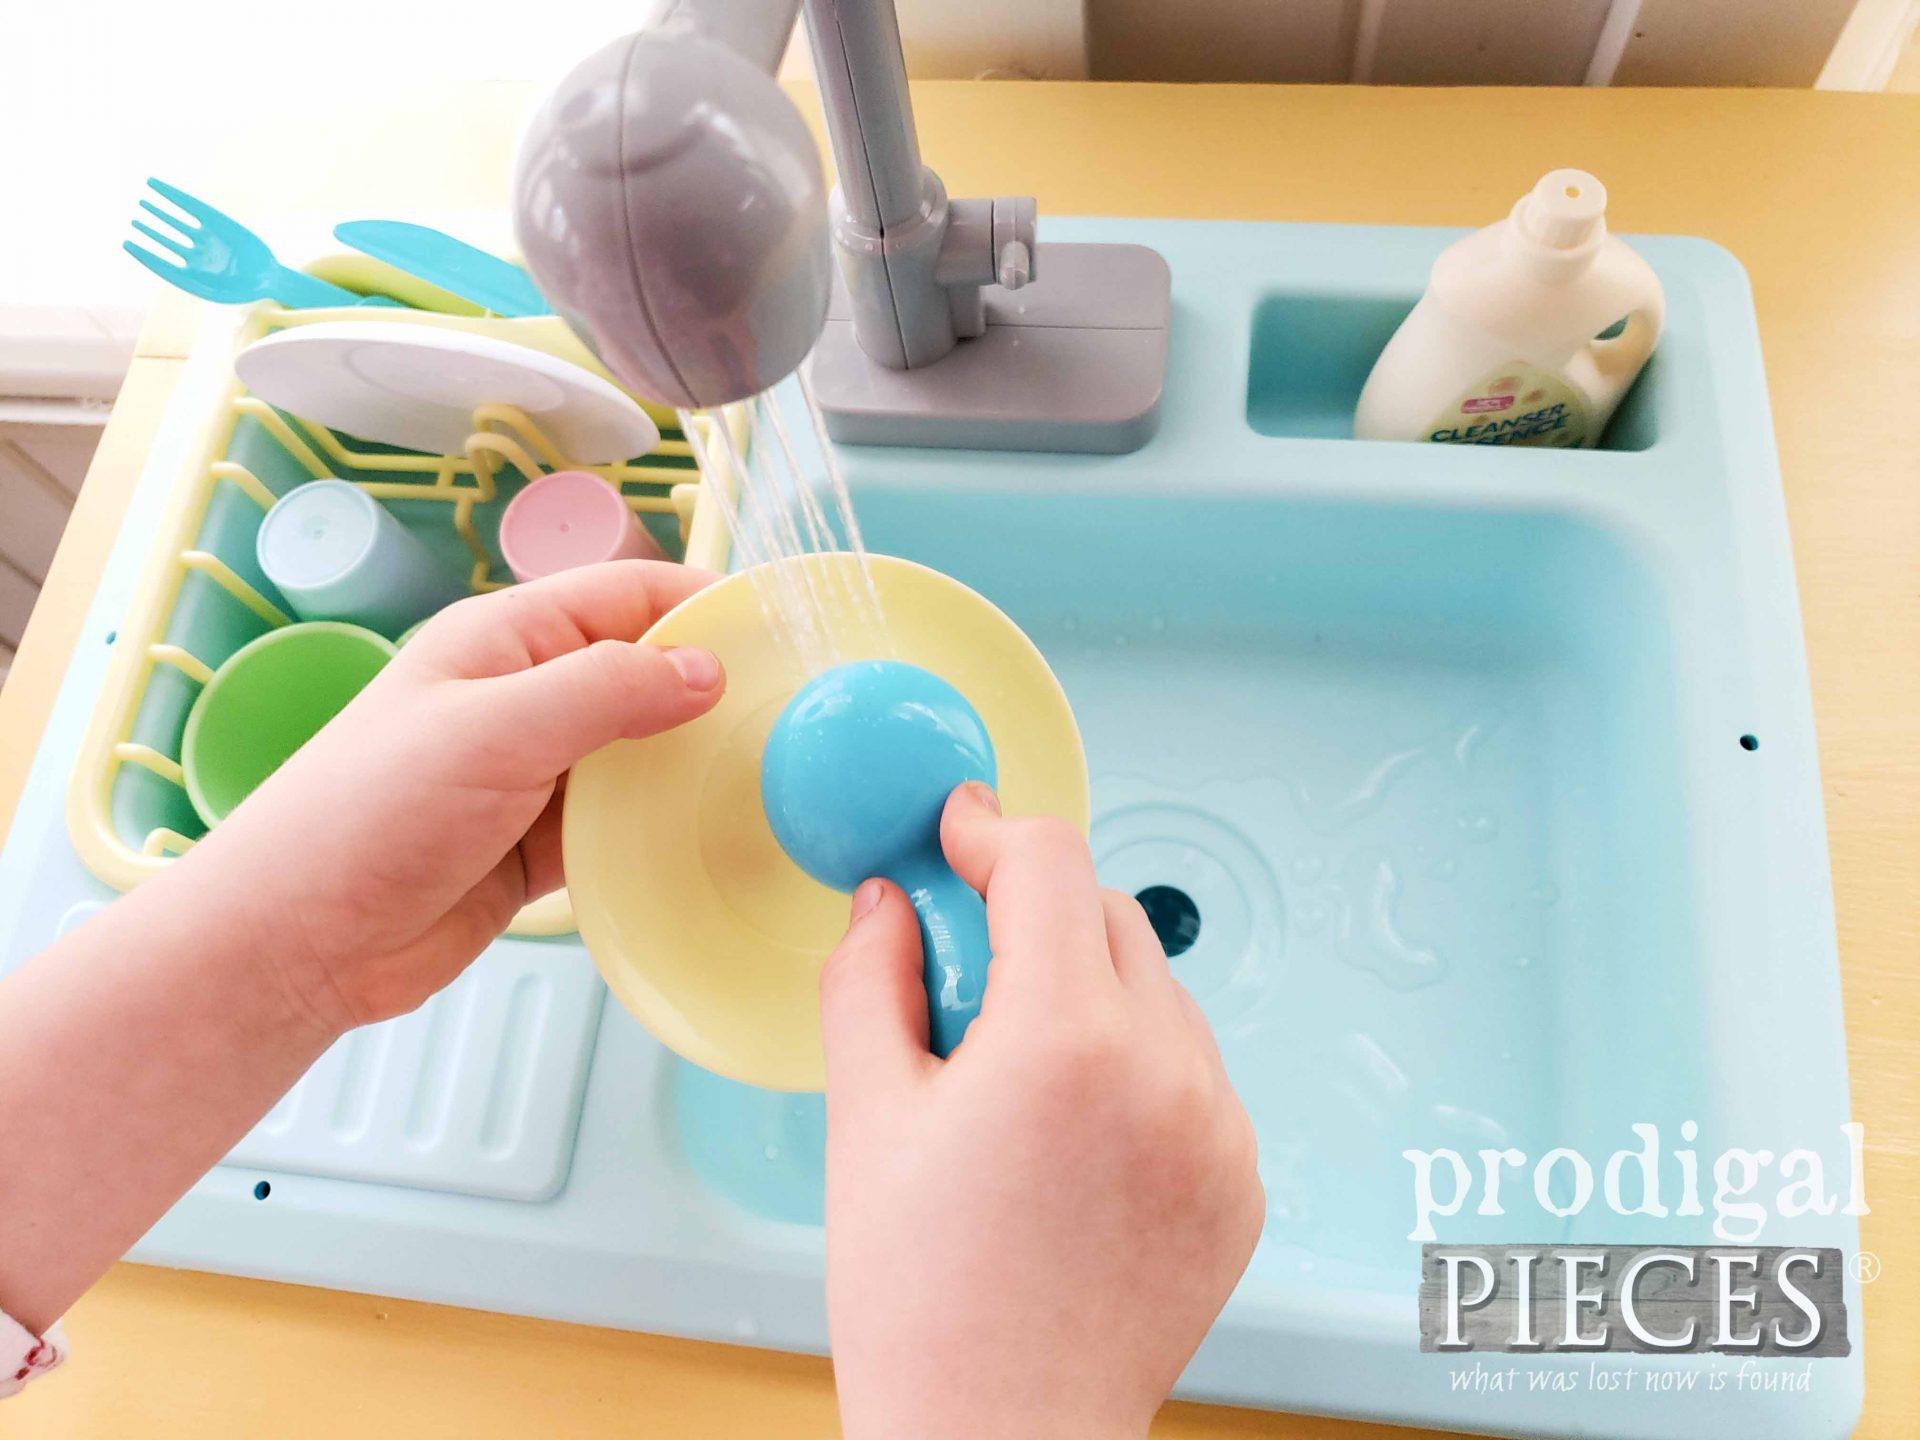 Pretend Play Working Kitchen Sink by Larissa of Prodigal Pieces | prodigalpieces.com #prodigalpieces #diy #kids #play #furniture